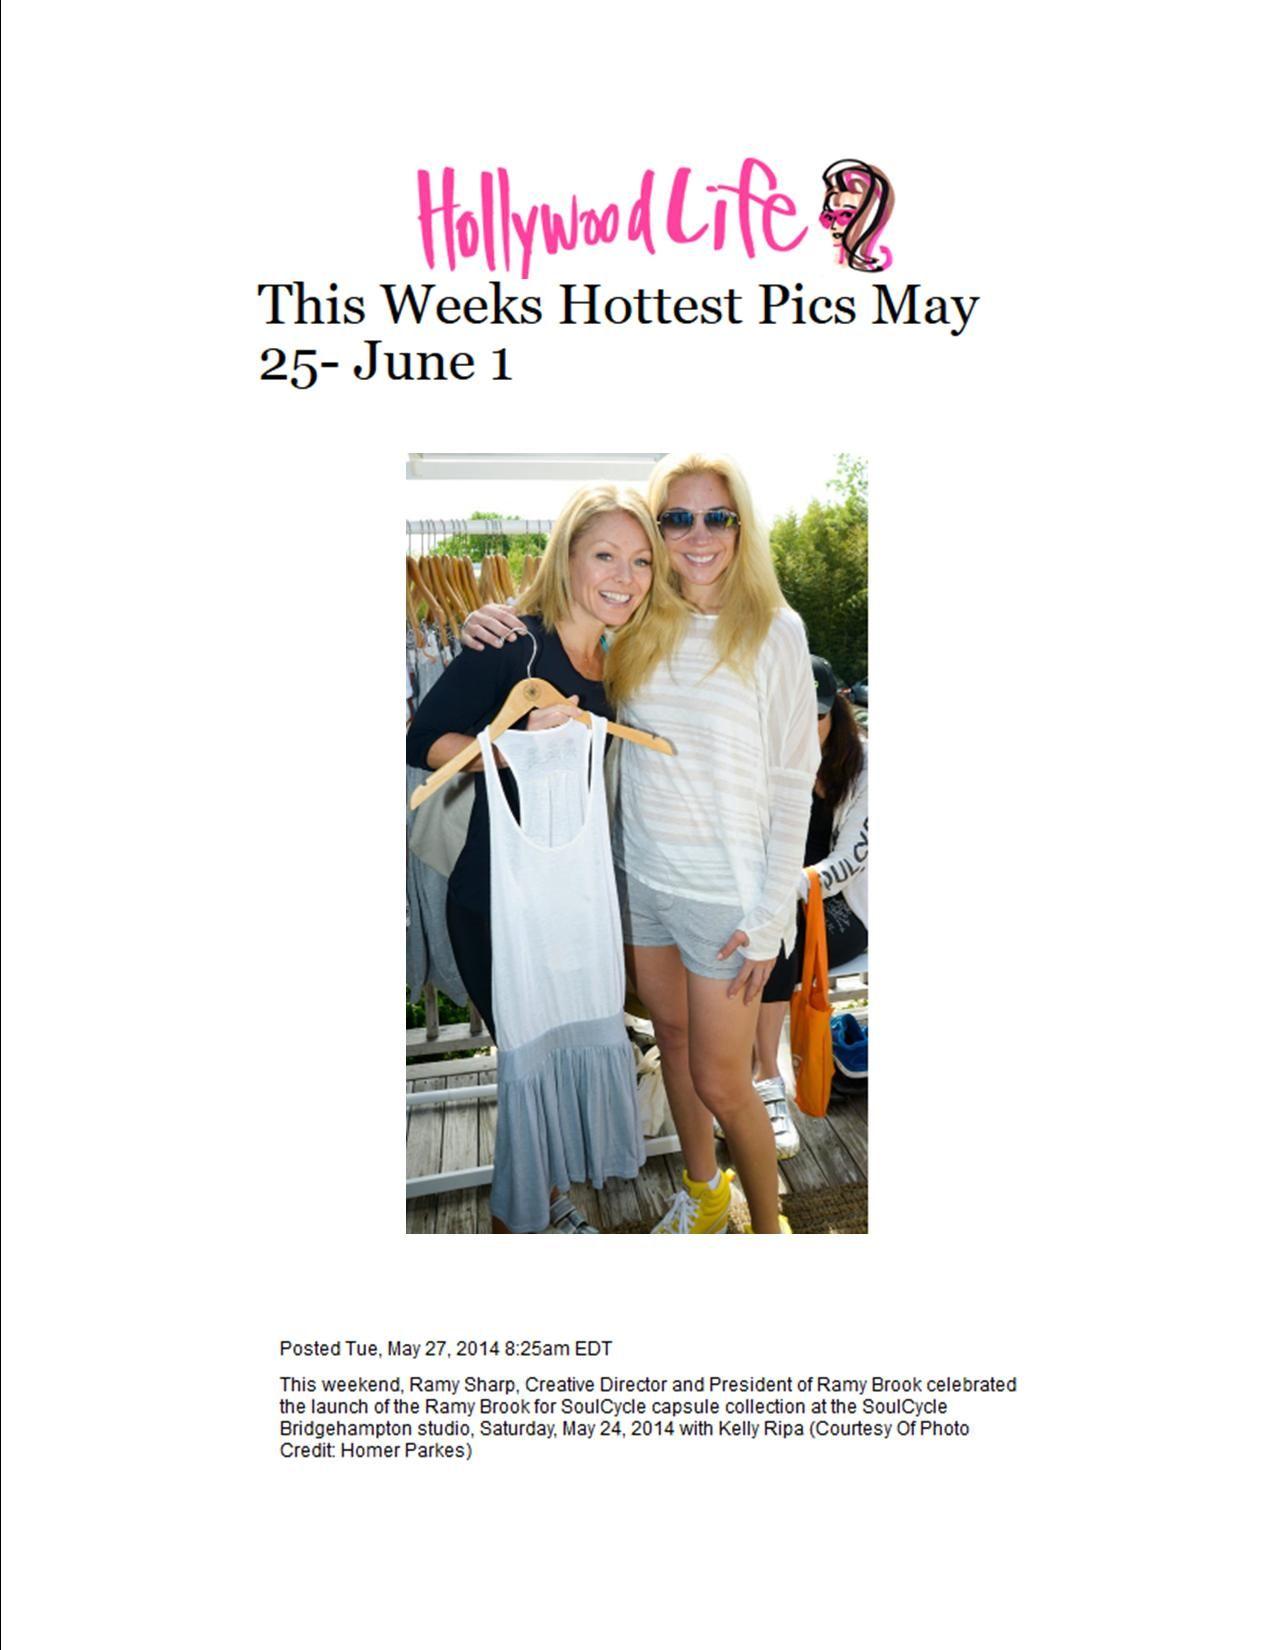 Ramy Sharp and Kelly Ripa on HollywoodLife.com